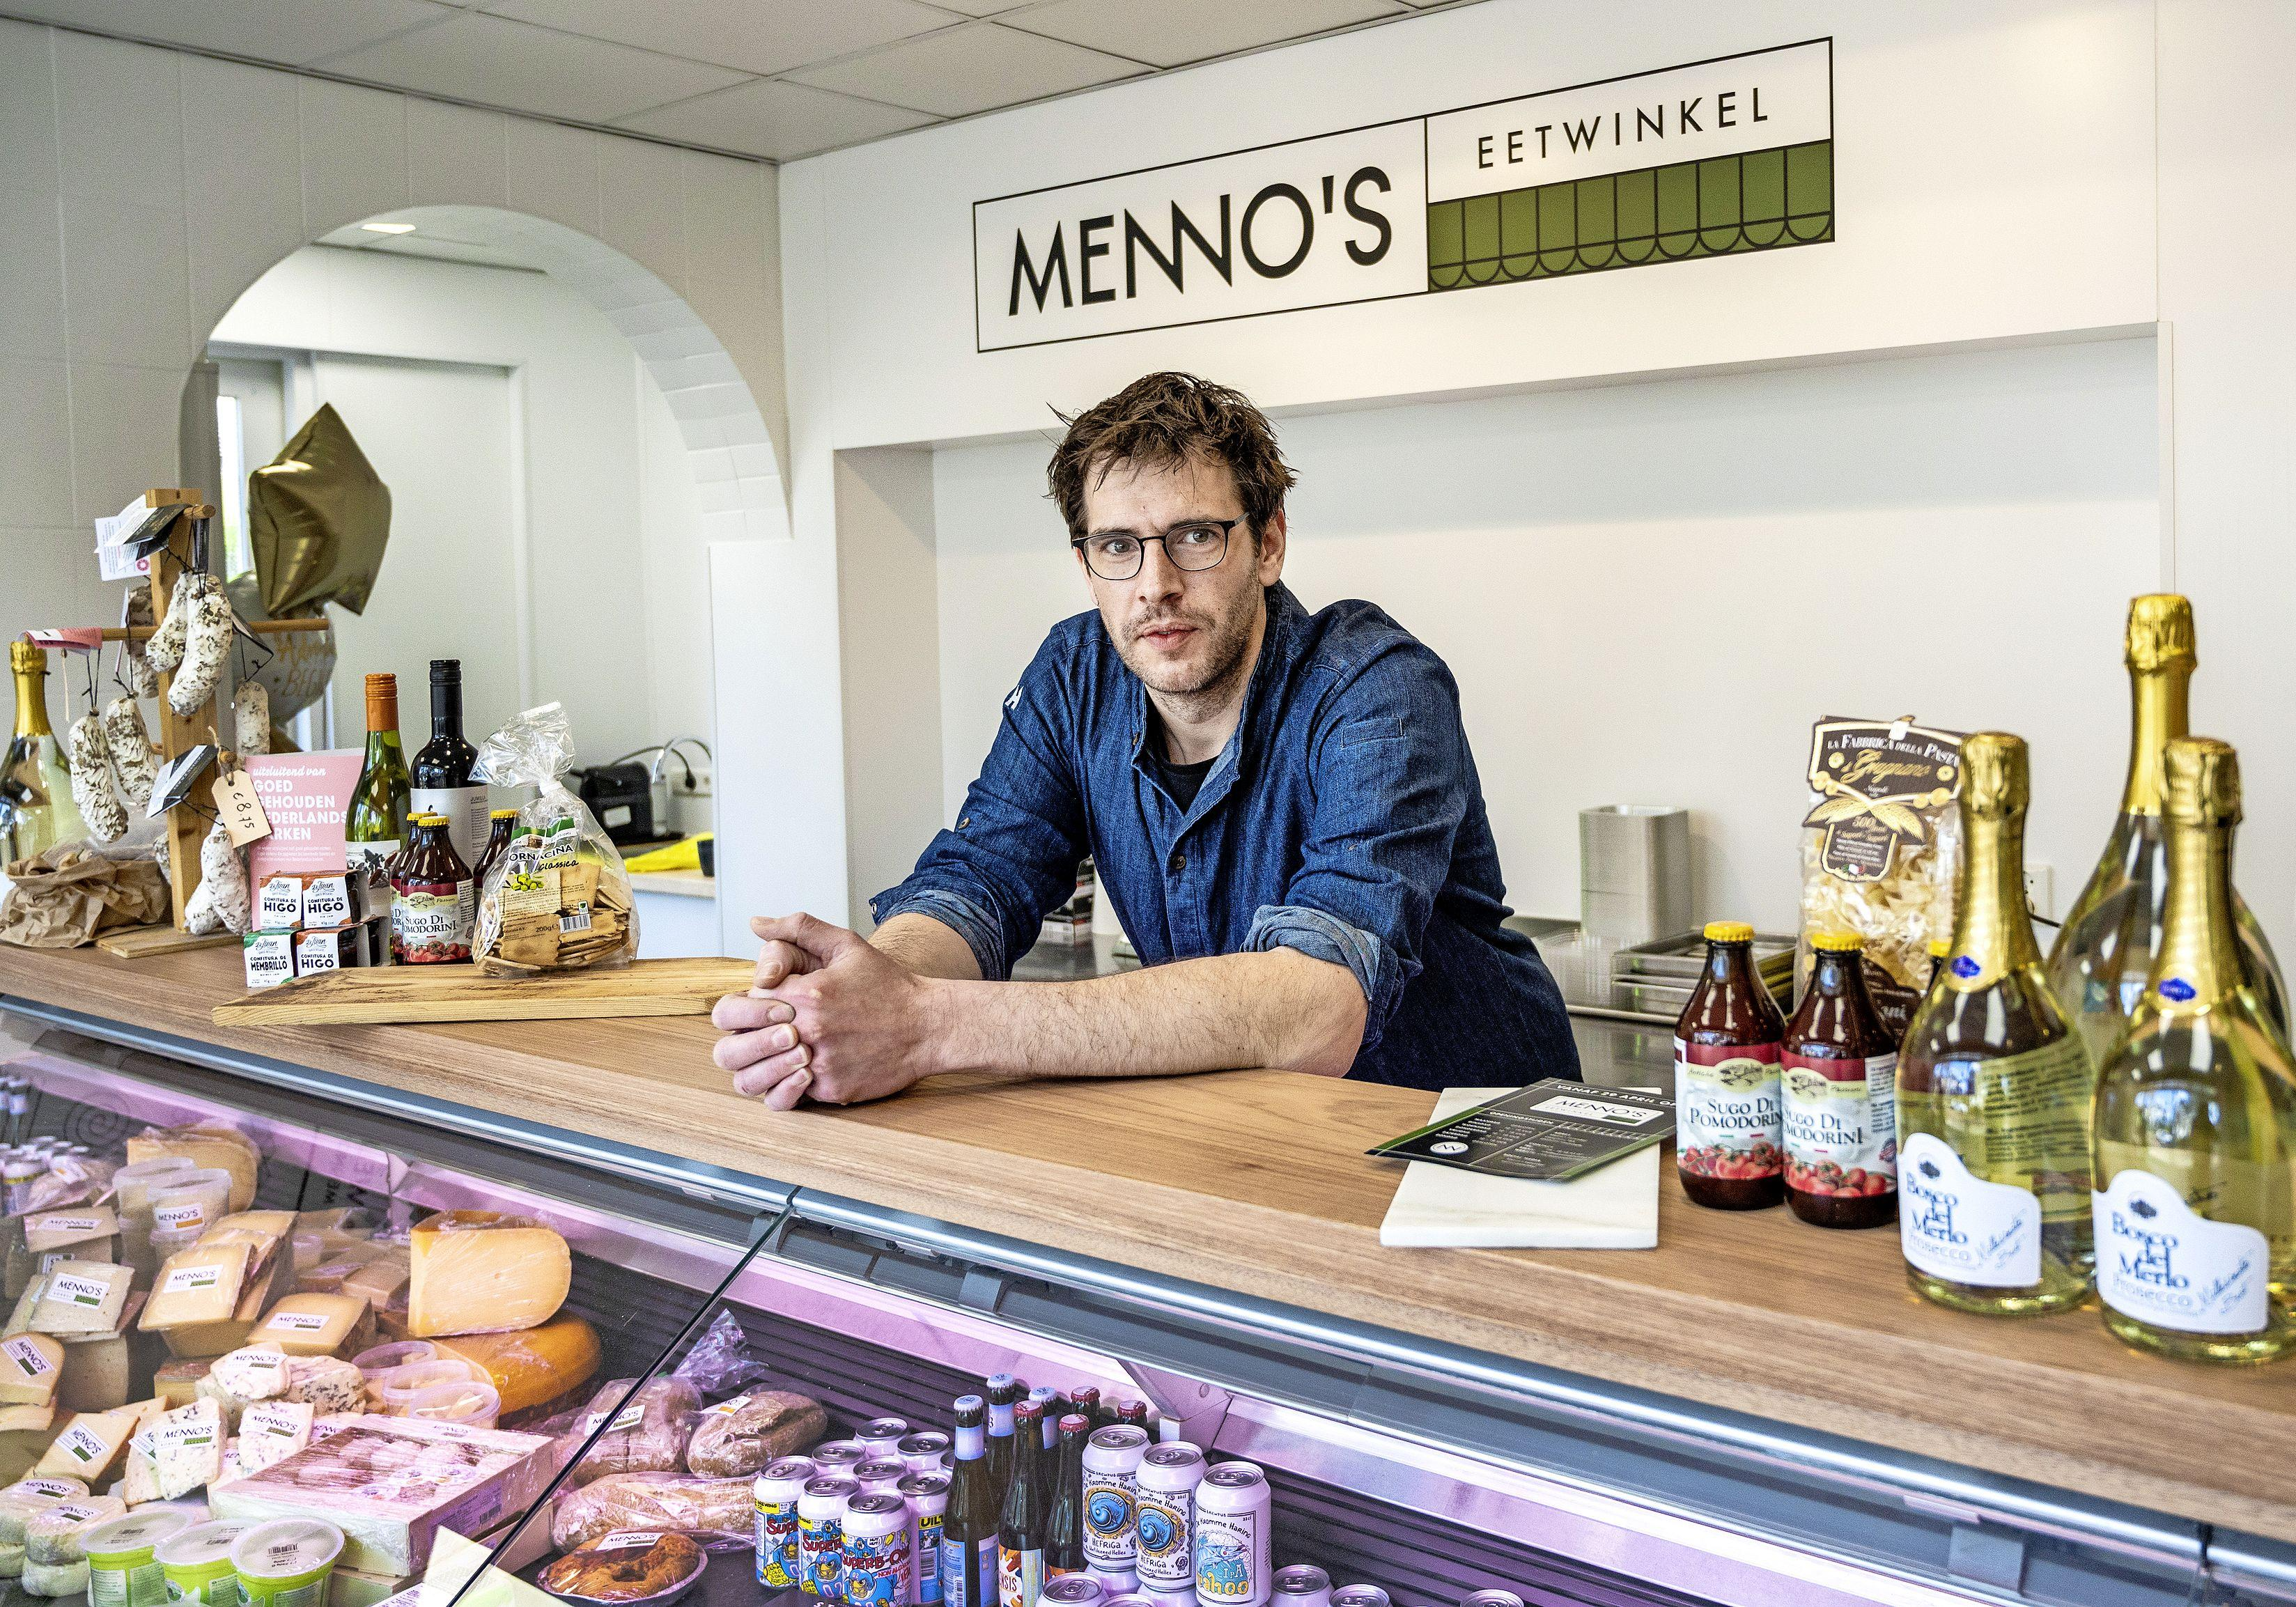 Menno Vreeburg begint een eetwinkel in vaders voormalige slagerij: 'Ze stonden bijna voor de deur te juichen toen ik aan het klussen was'